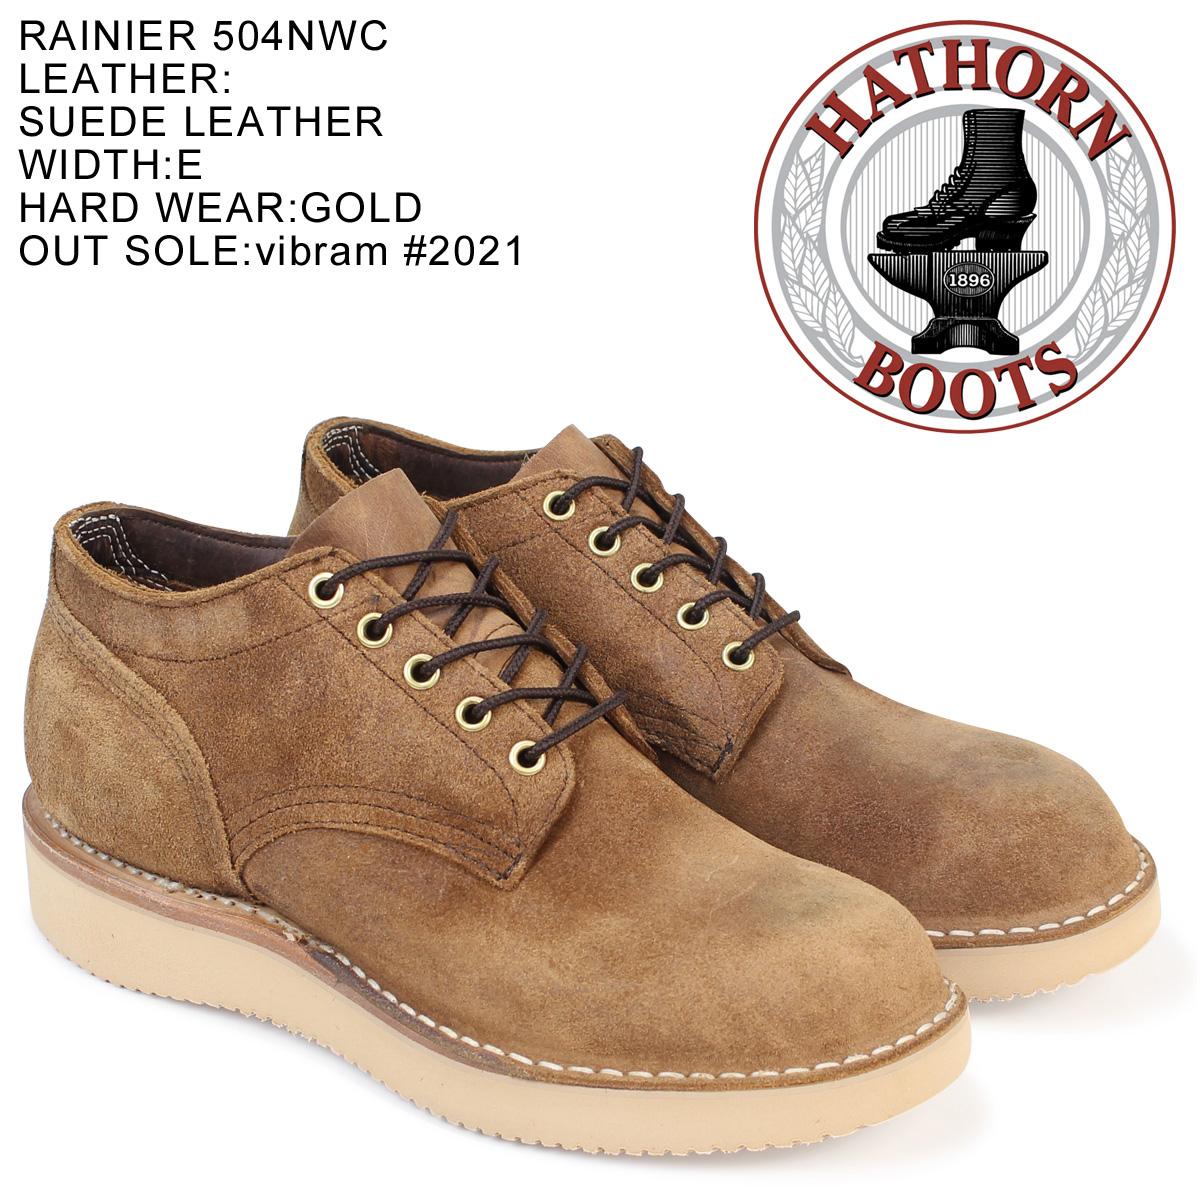 HATHORN ハソーン ホワイツ ブーツ レーニア オックスフォード ブラック RAINIER OXFORD Eワイズ ラフアウト 504NWC WHITE'S BOOTS メンズ